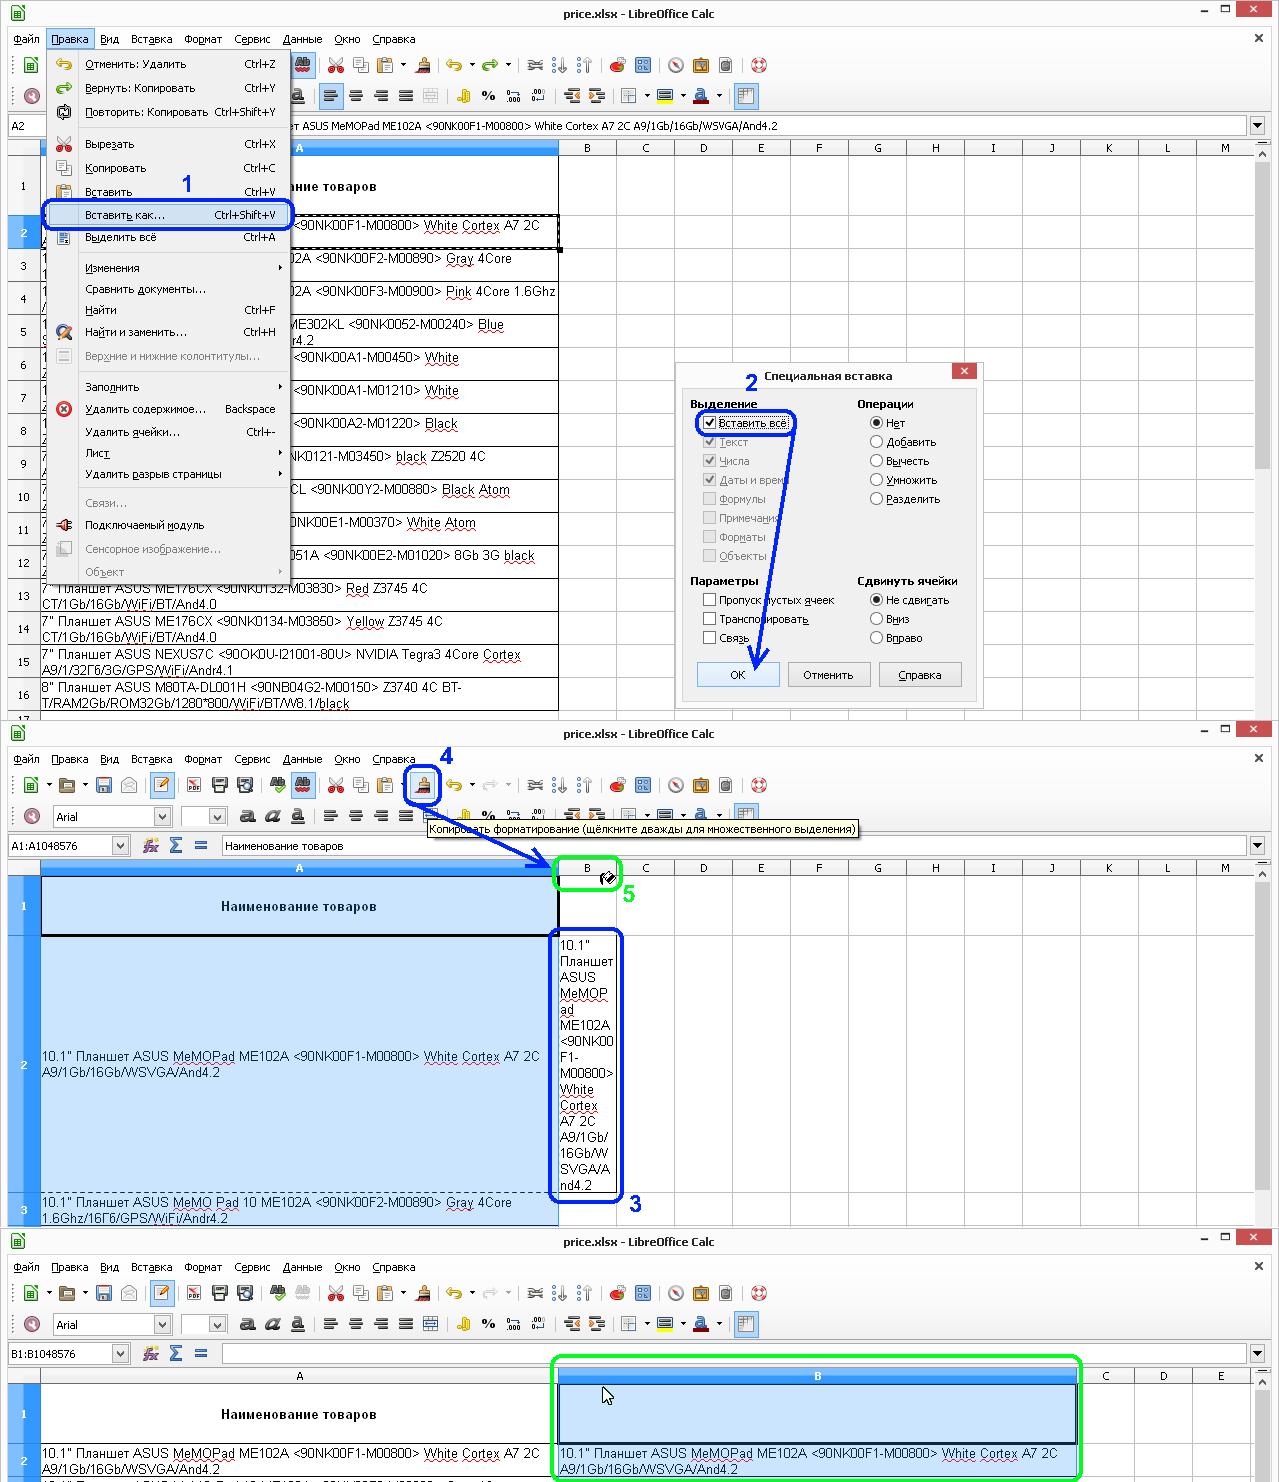 Calc: Правка - Вставить как - Все + Панель инструментов - Копировать форматирование